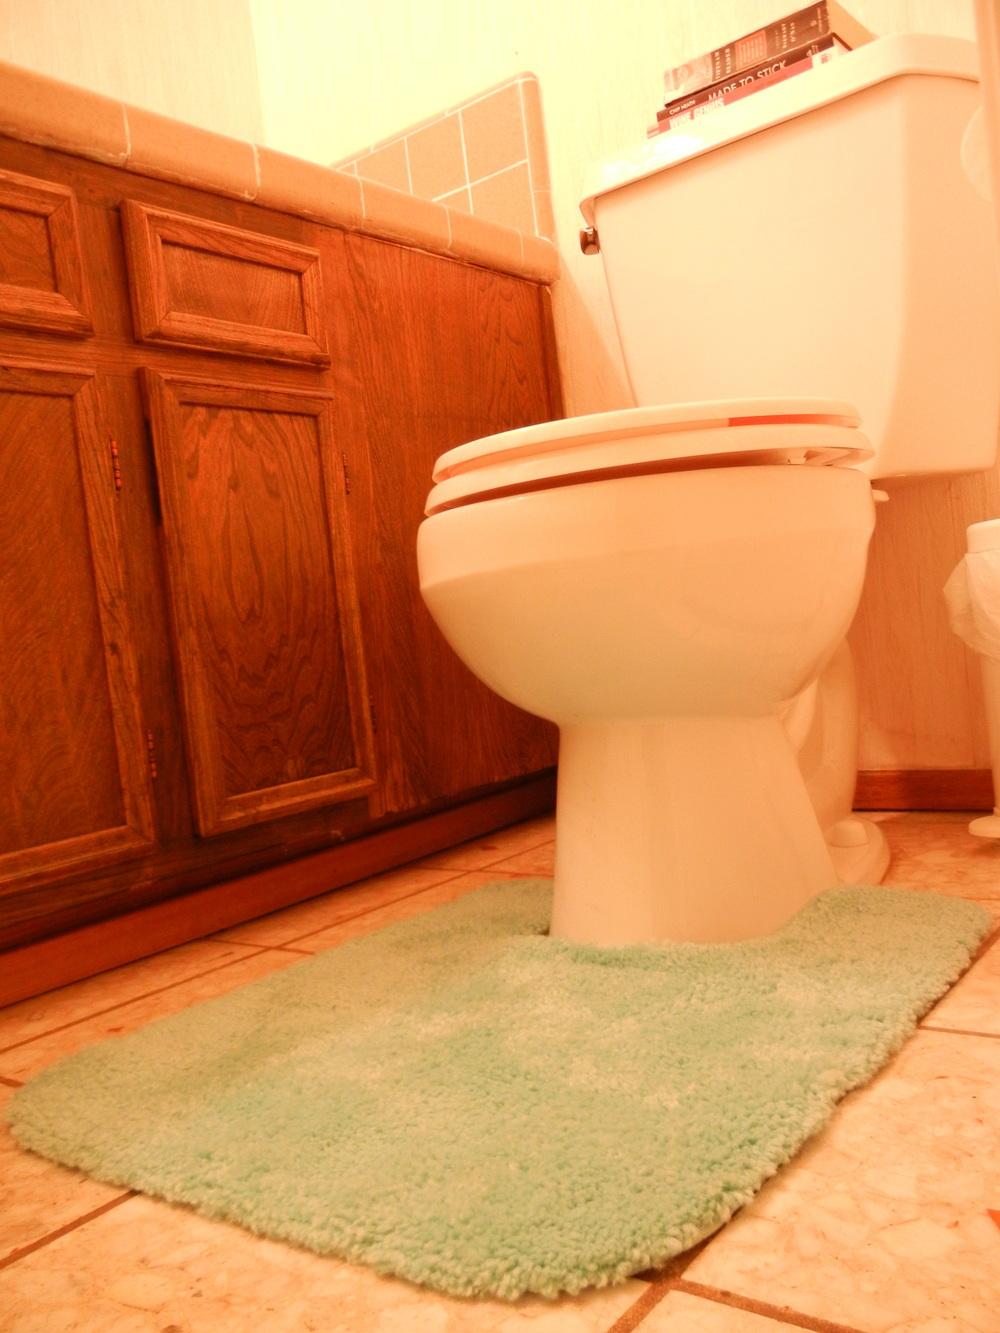 week 2: decorate the downstairs bathroom